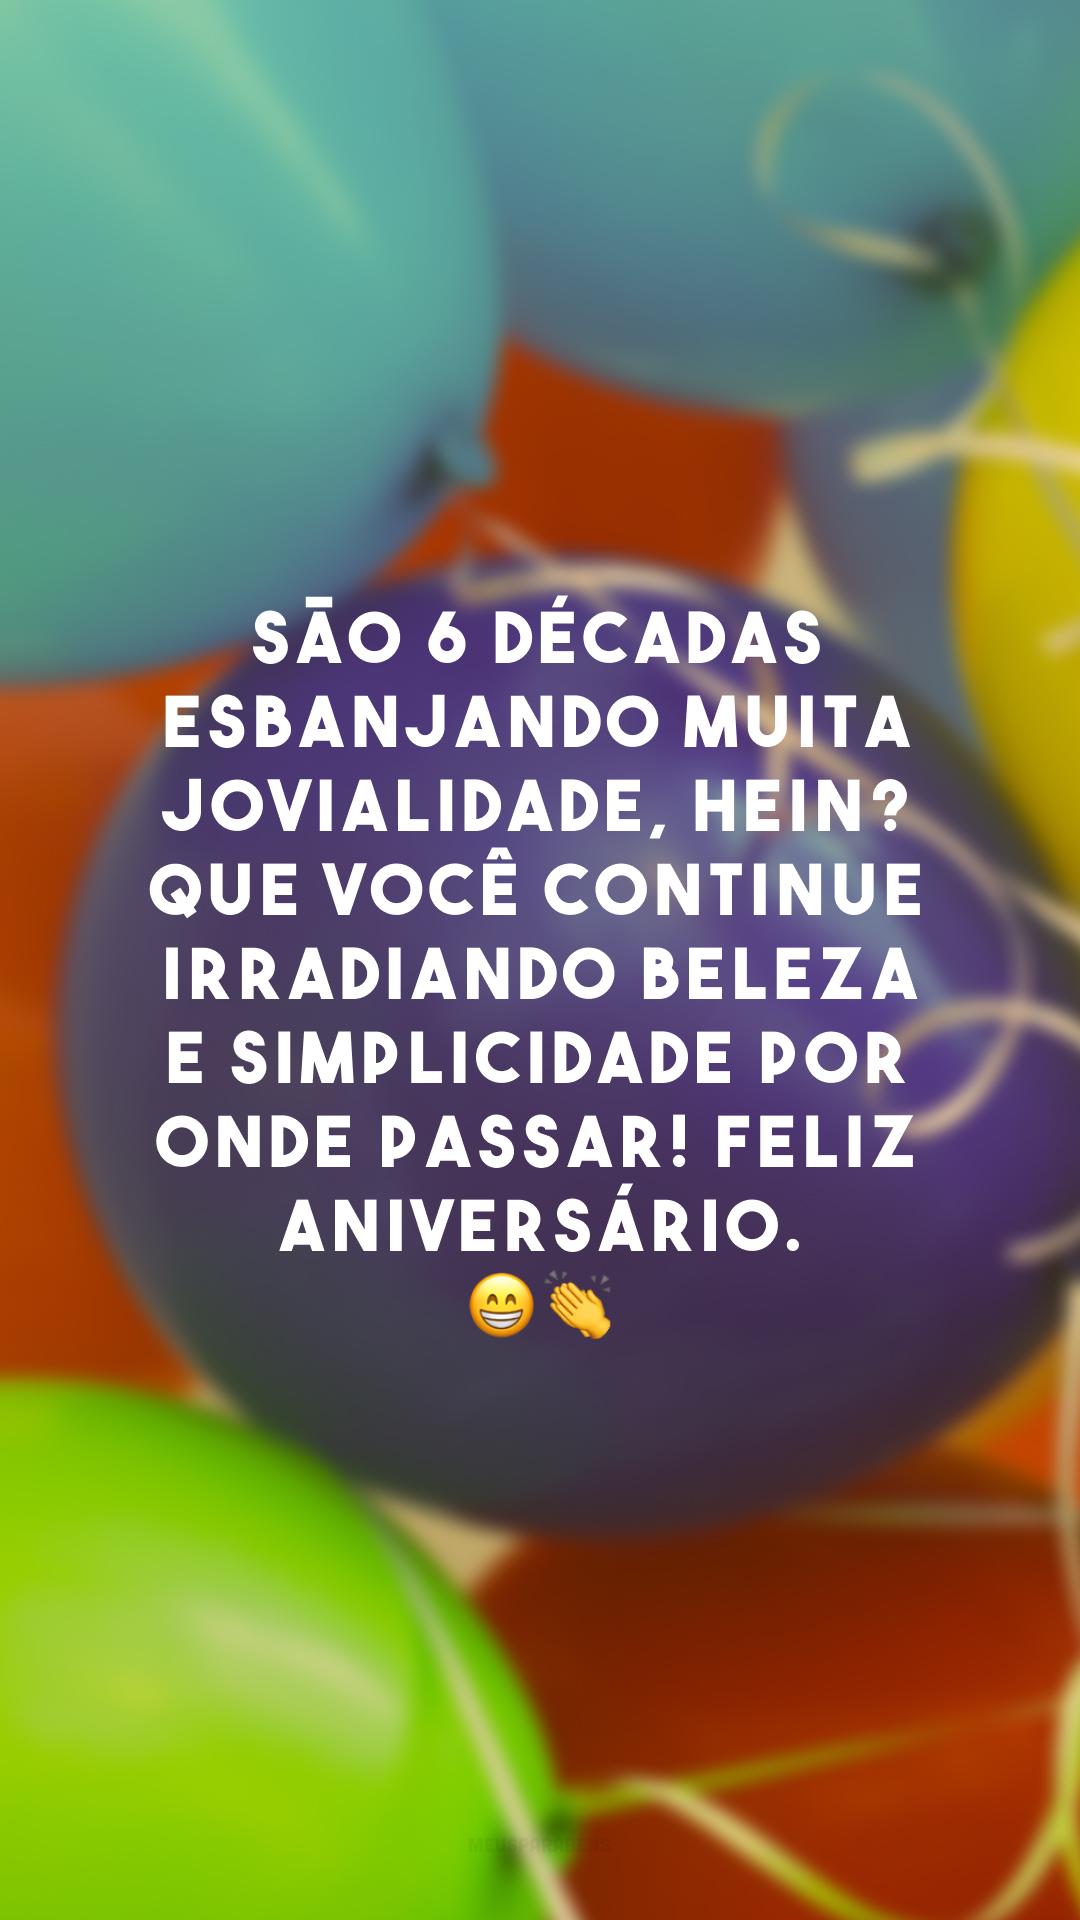 São 6 décadas esbanjando muita jovialidade, hein? Que você continue irradiando beleza e simplicidade por onde passar! Feliz aniversário. 😁👏